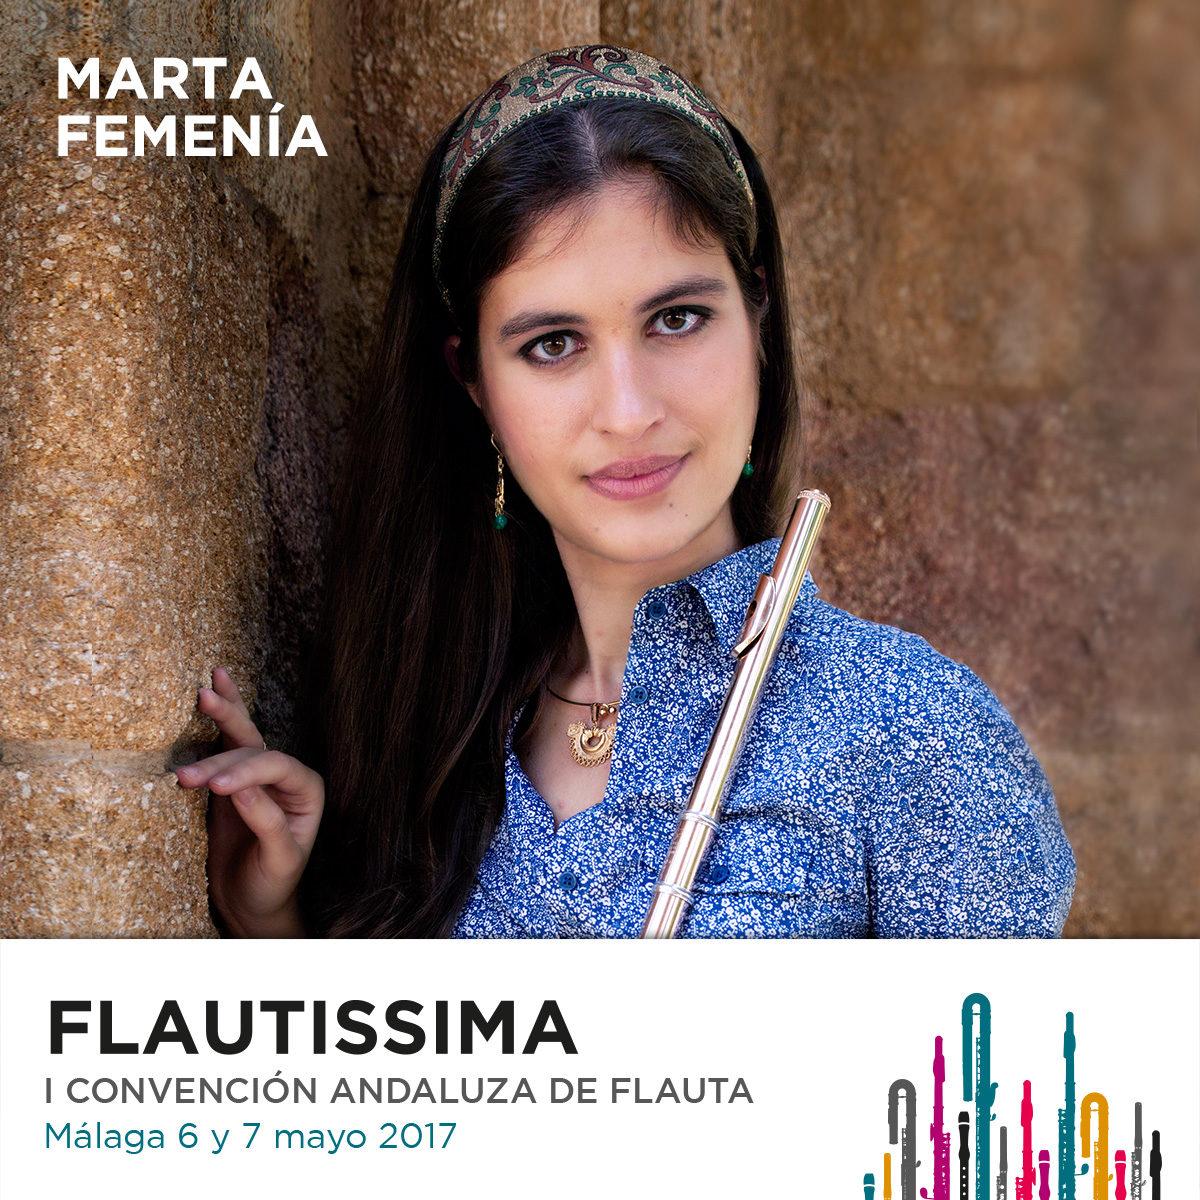 Marta Femenía Flautissima